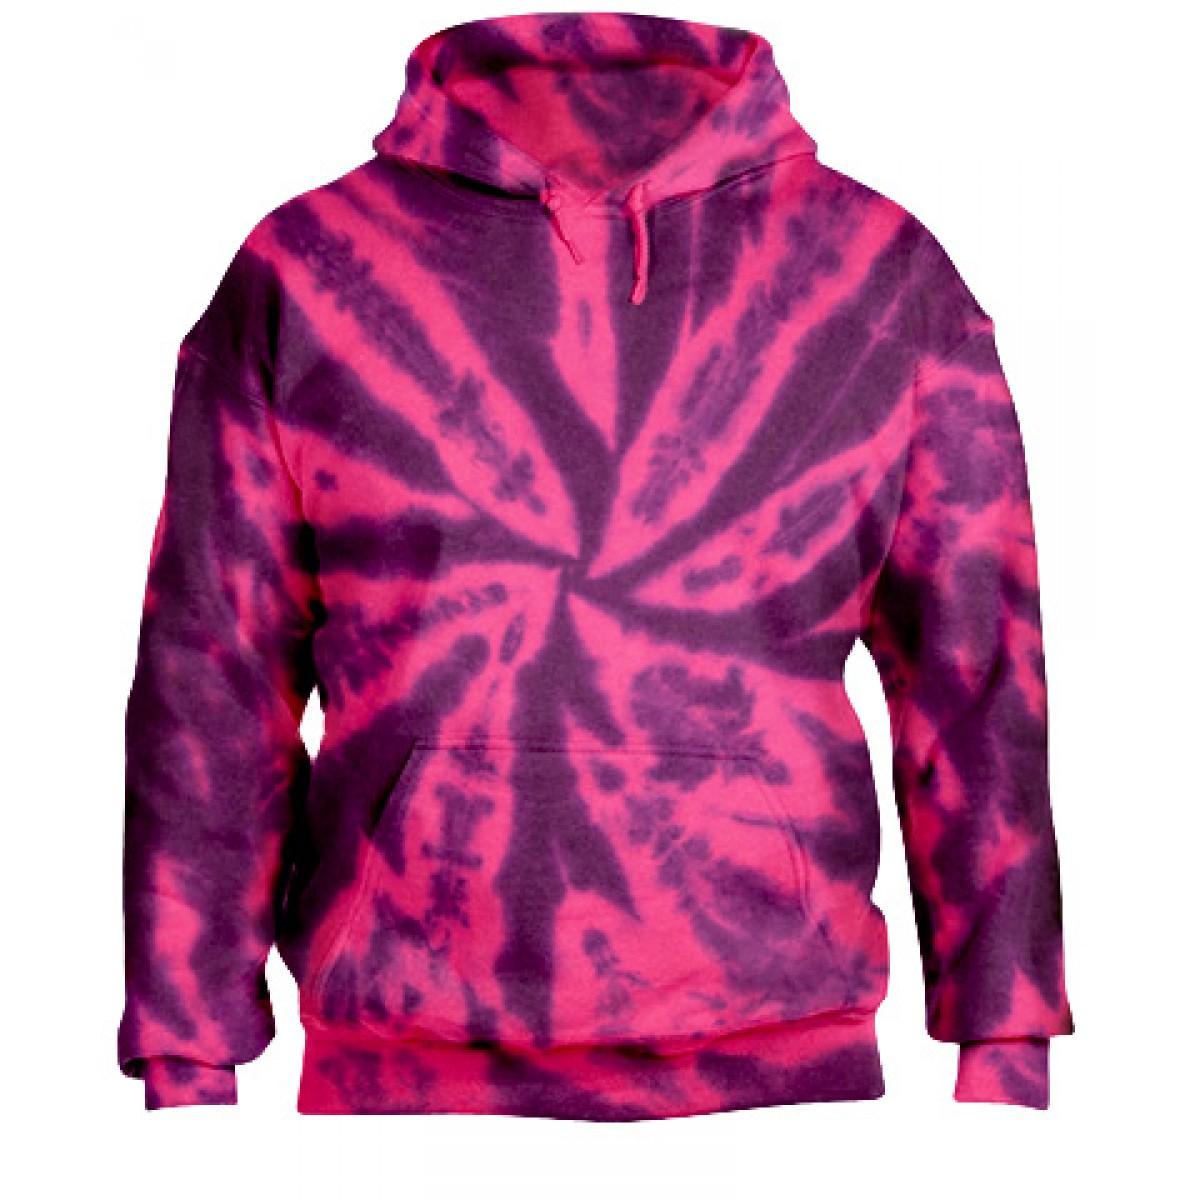 Tie-Dye Pullover Hooded Sweatshirt-Berry Purple-2XL